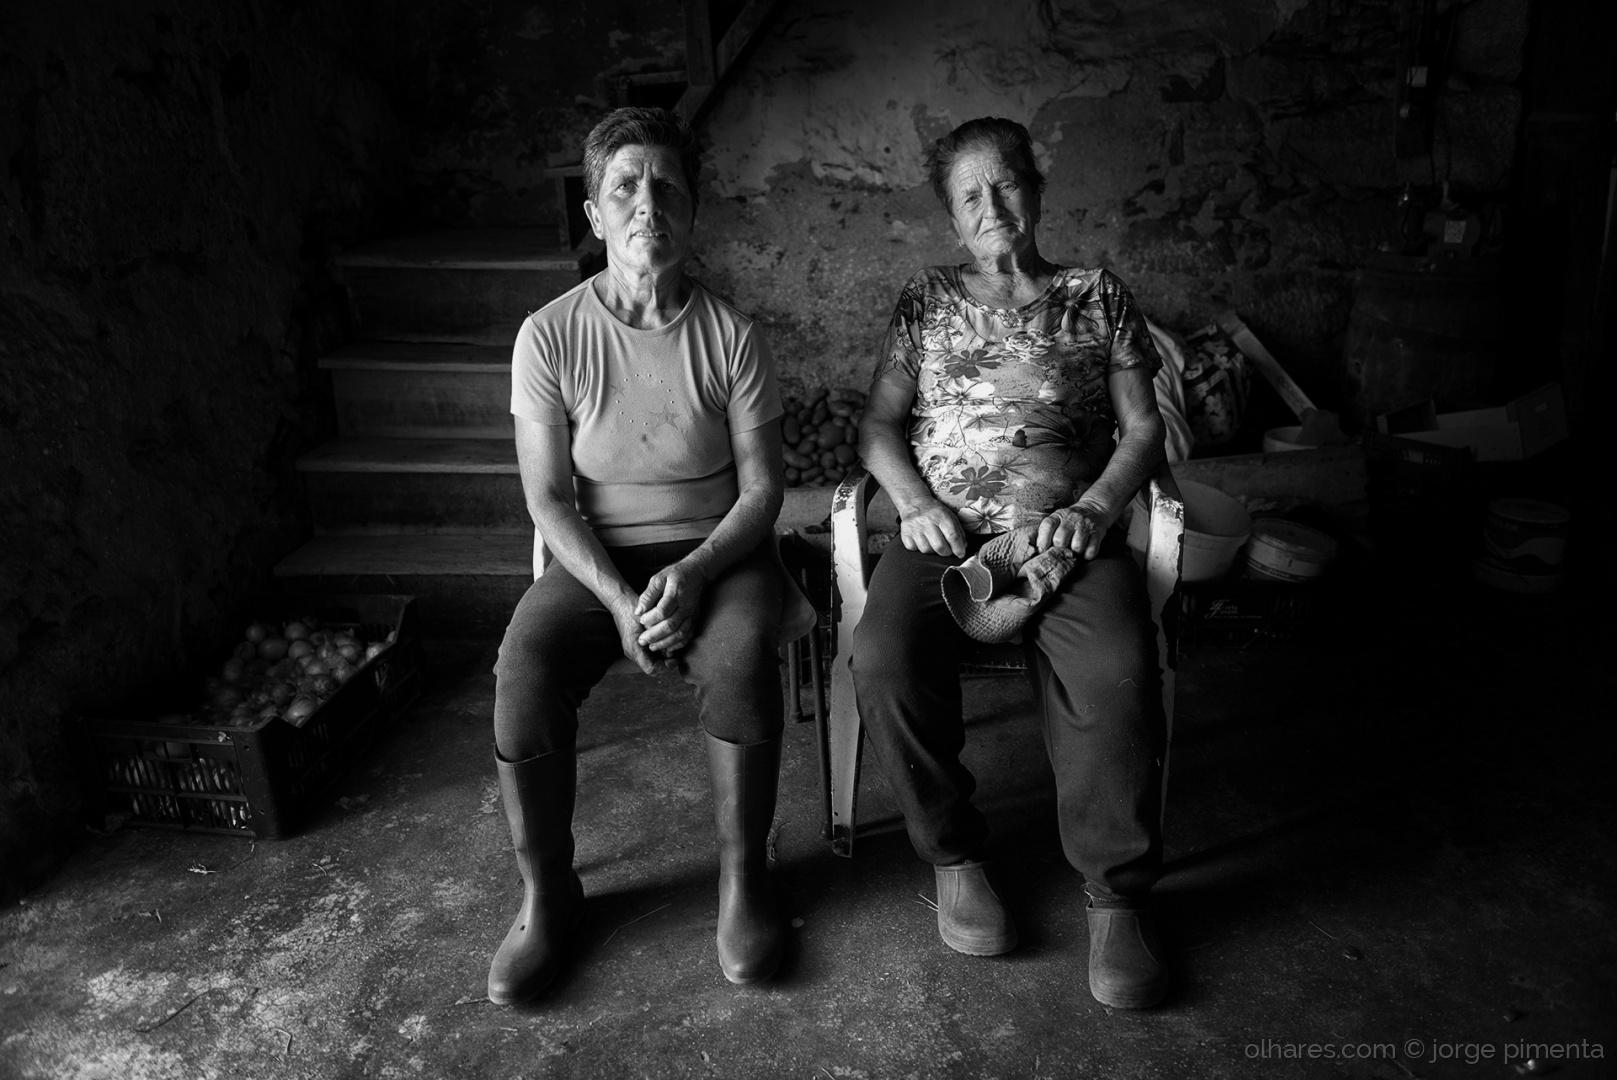 © jorge pimenta - Rostos com estórias I - D.ª Ana e a filha, Guida